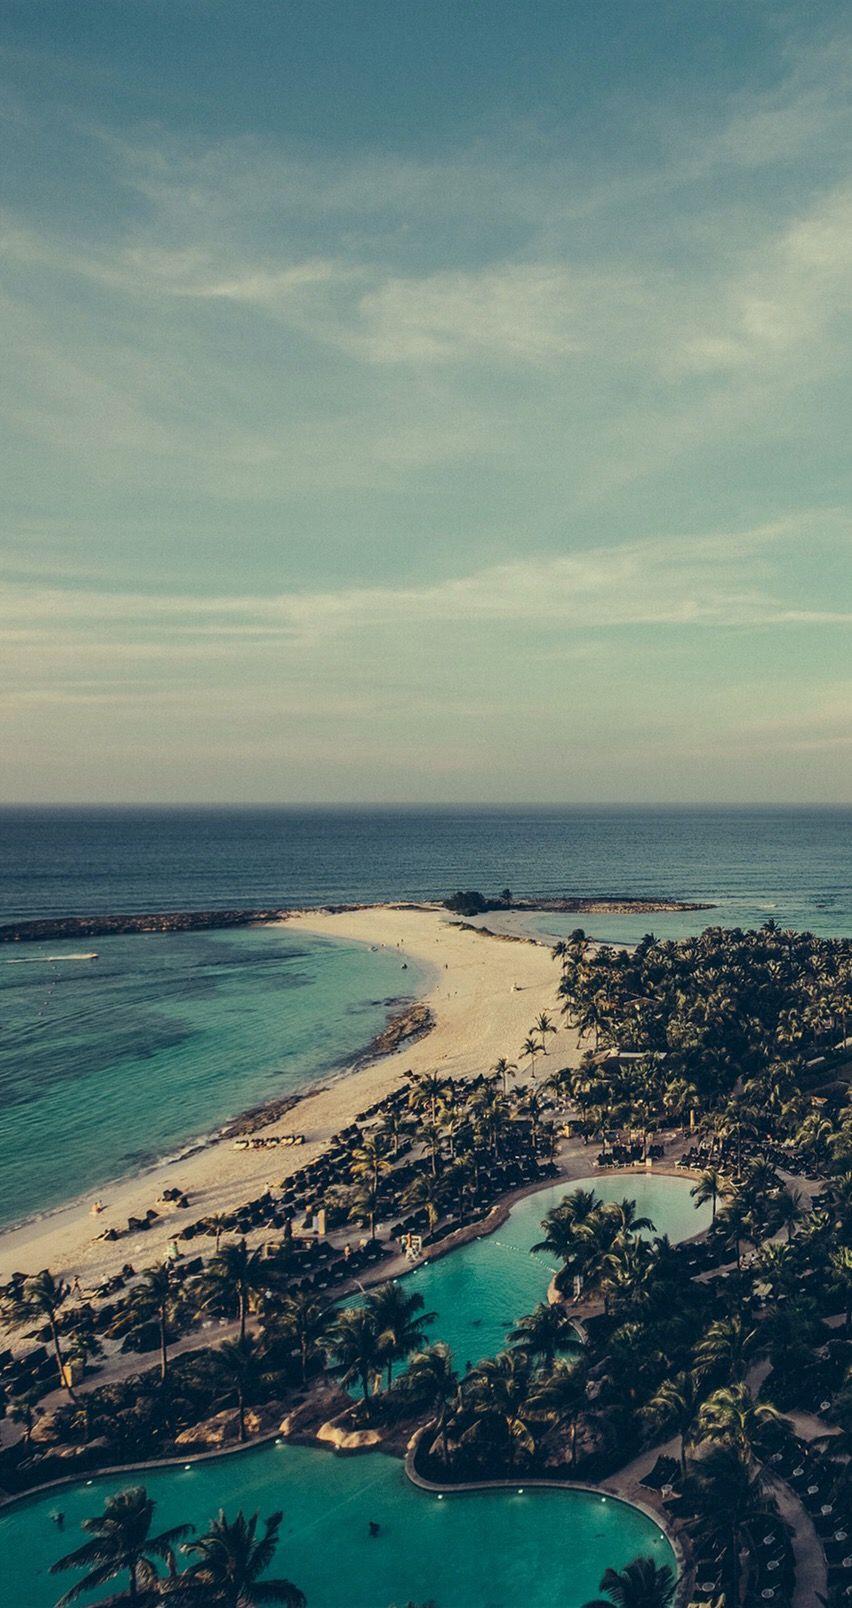 Bahamas Landscape Wallpaper Landscape Phone Backgrounds